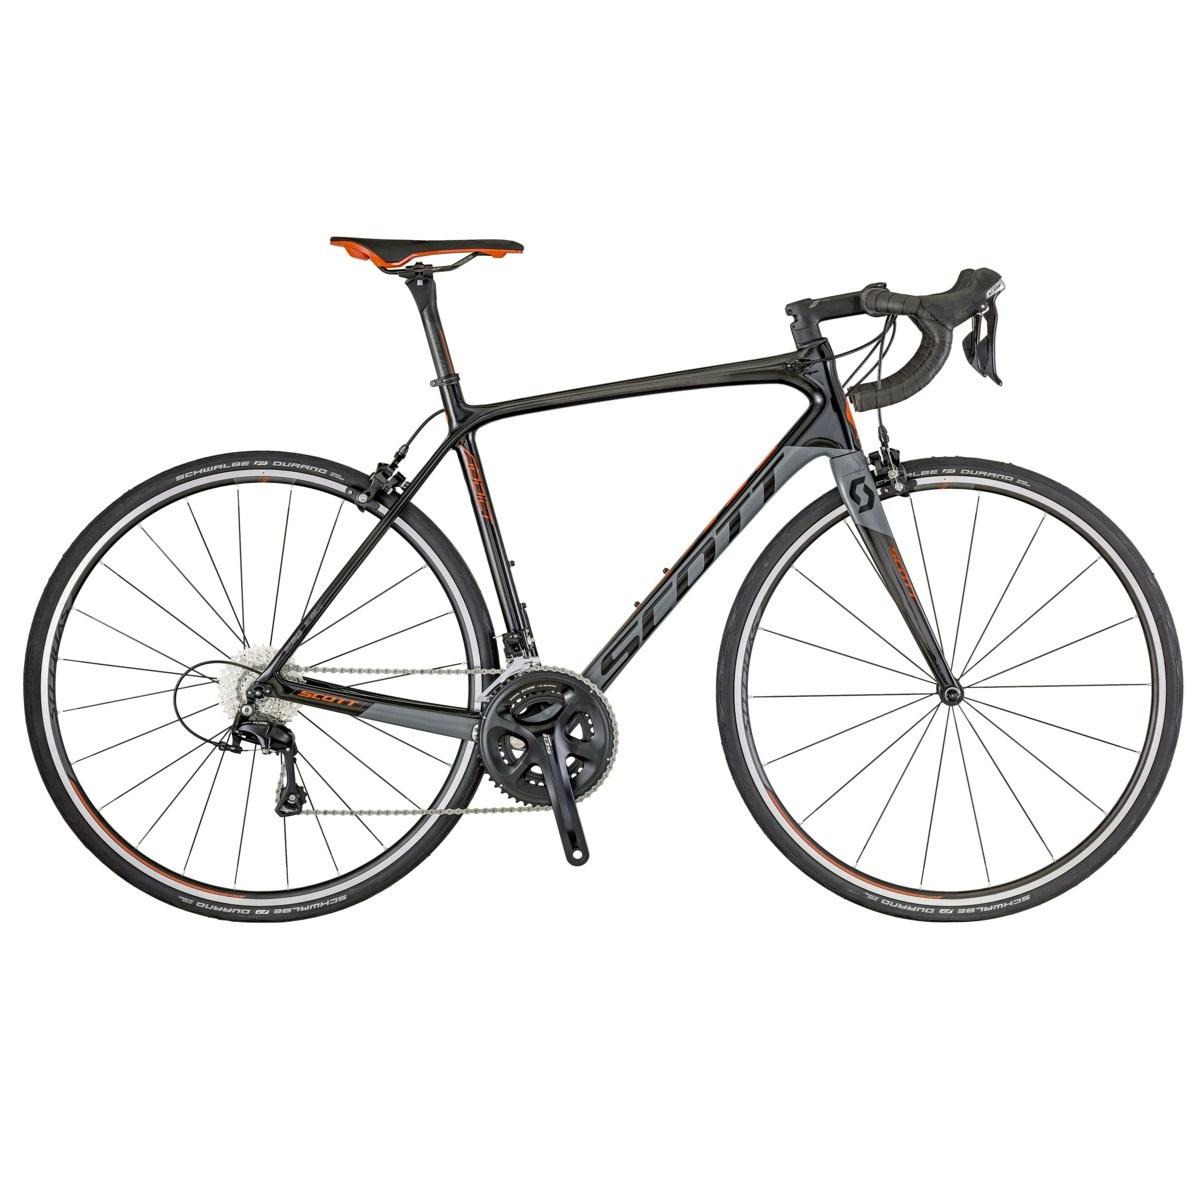 Scott Addict 20 Landeveissykkel Karbon, Shim 105 5800, 7,85 kg